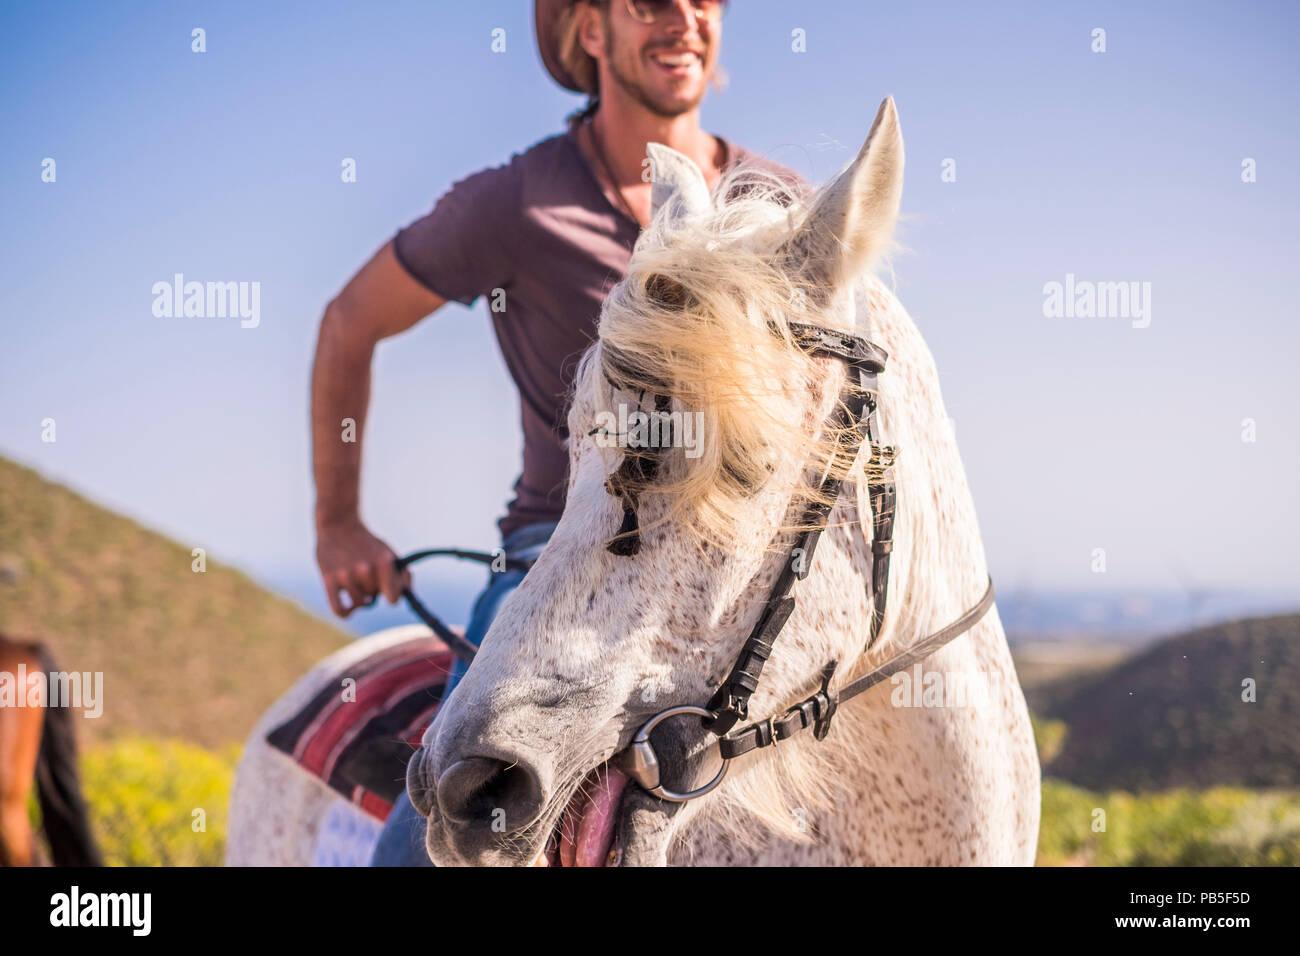 L uomo moderno cowboy godono di una naturale e uno stile di vita alternativo in sella ad un cavallo bianco. amicizia e natura outdoor per belle persone che vivono a differenti Immagini Stock